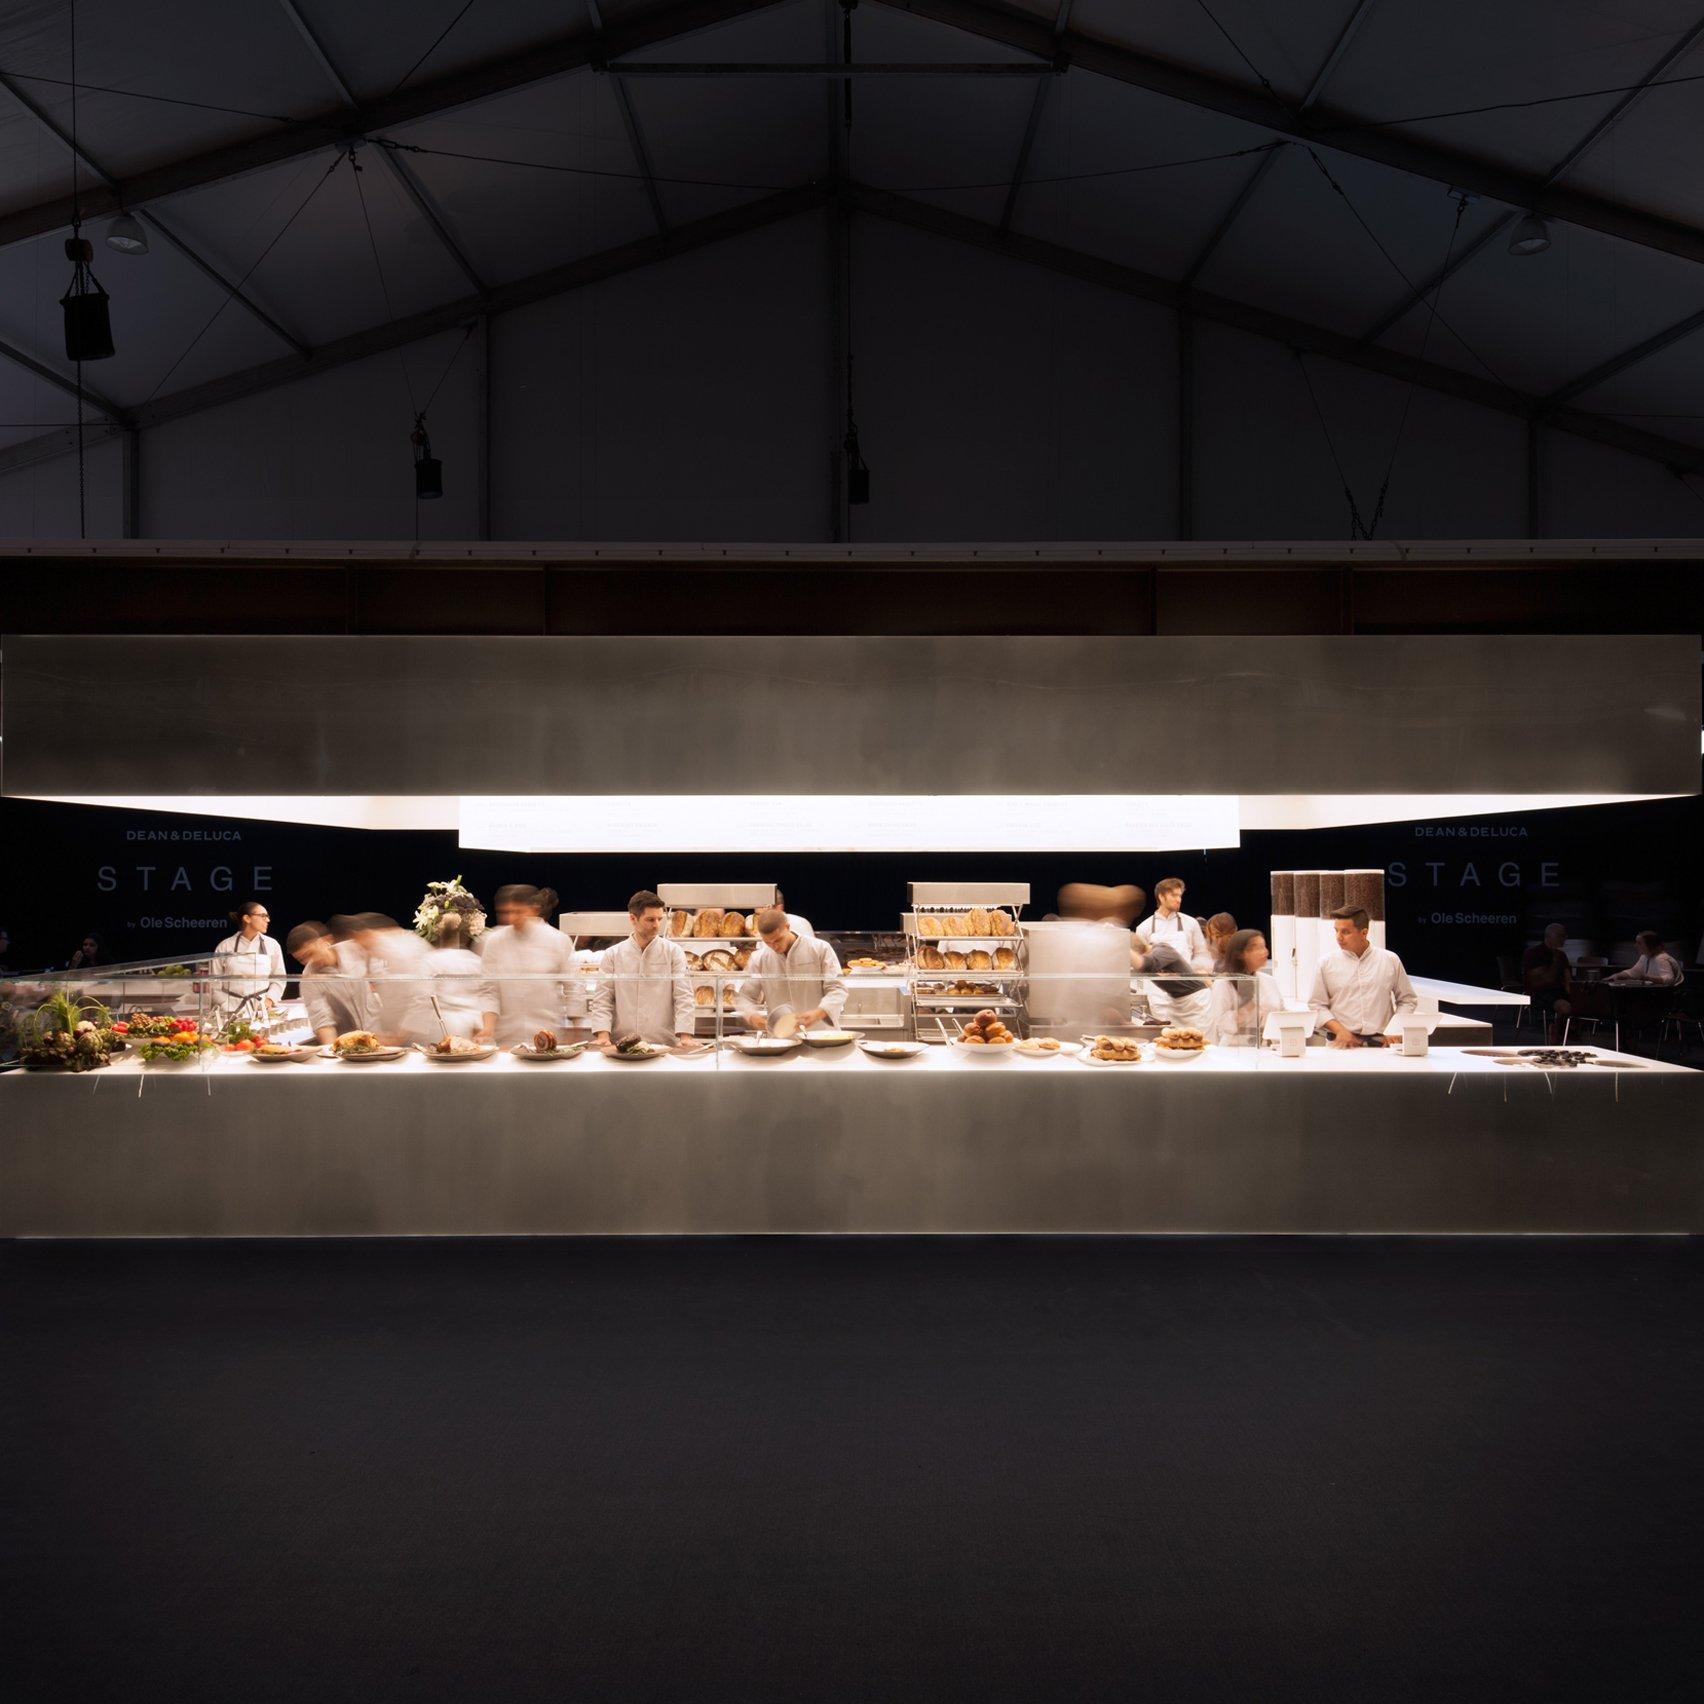 Dean U0026 DeLuca Launches Fast Food Concept Based On Ole Scheeren Kitchen  Design